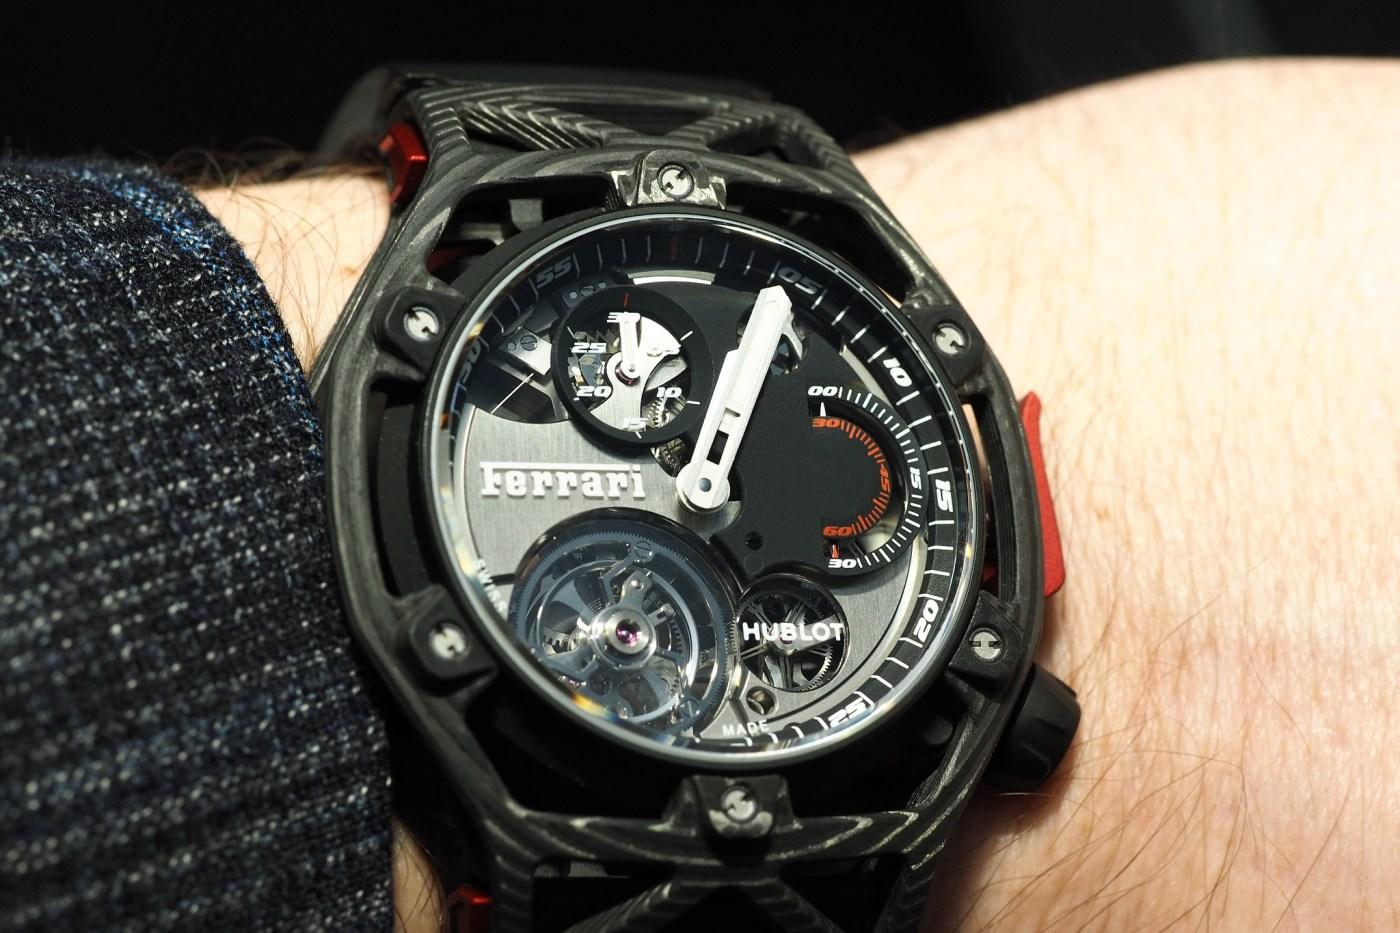 Techframe Ferrari Tourbillon Chronograph Carbon wristshot